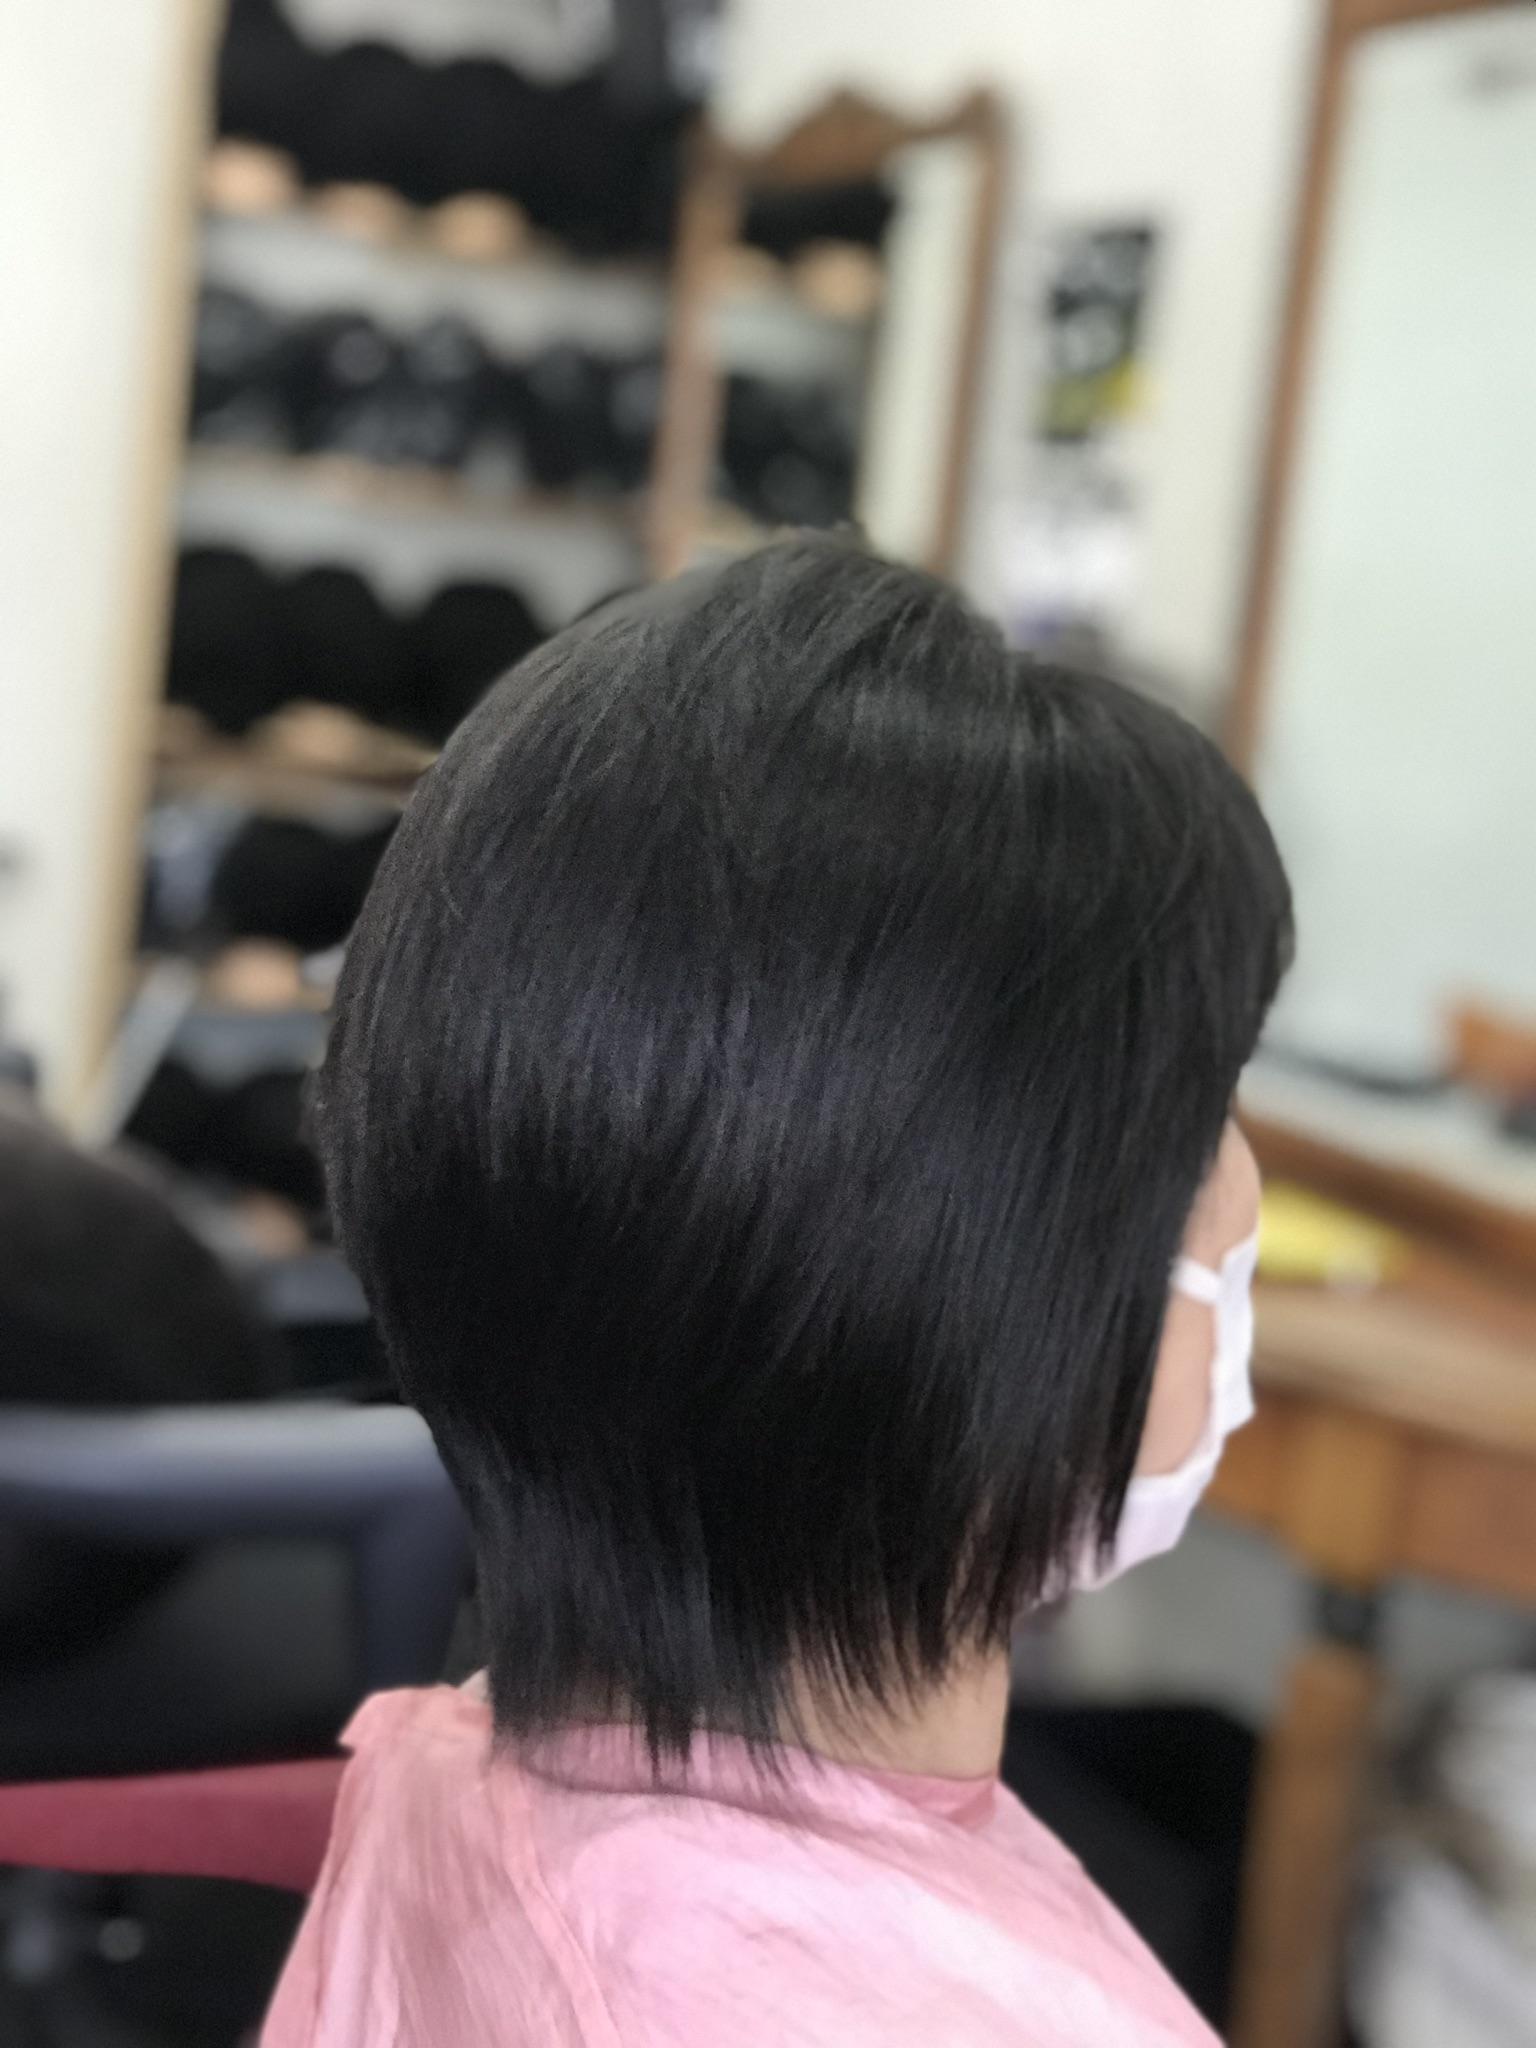 超軟毛超直毛の悩み ボリュームアップダウン